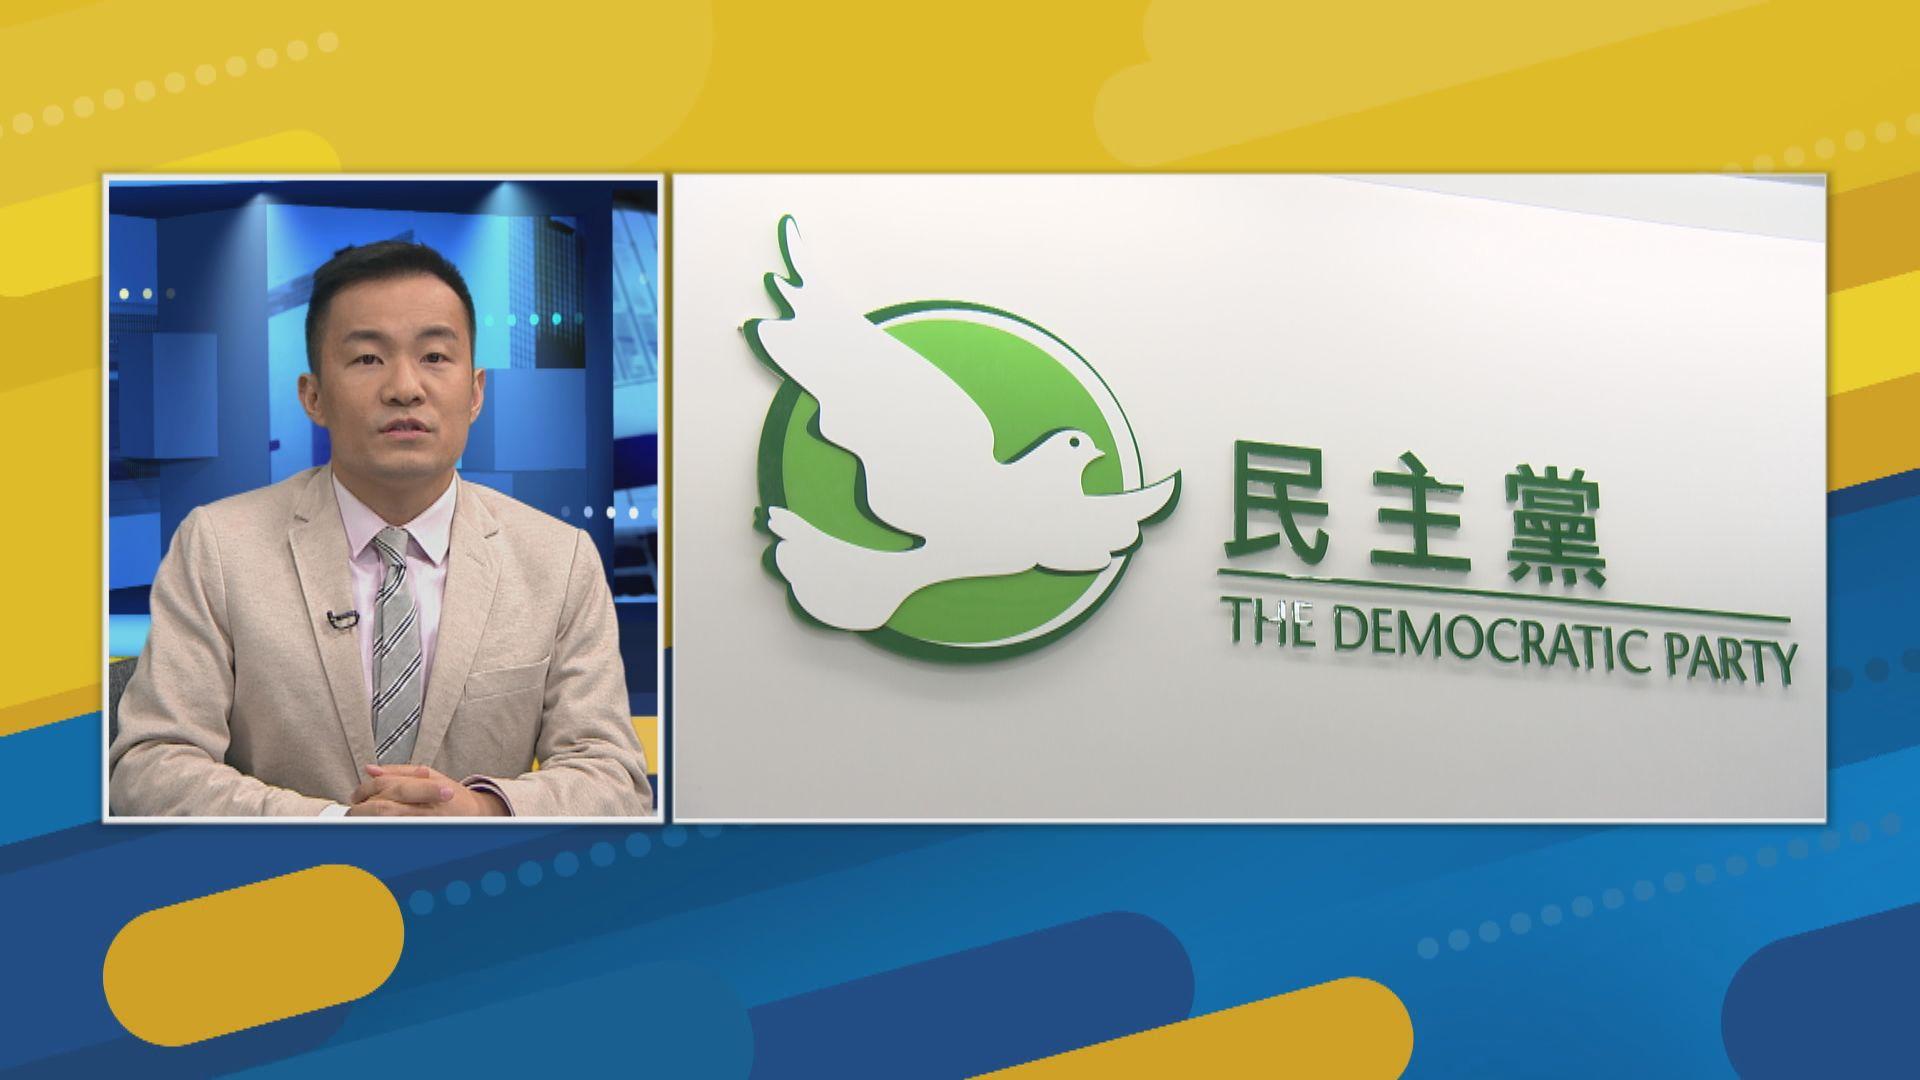 【政情】李華明參選論料難影響大局 民主黨若棄選 會減對抗論述